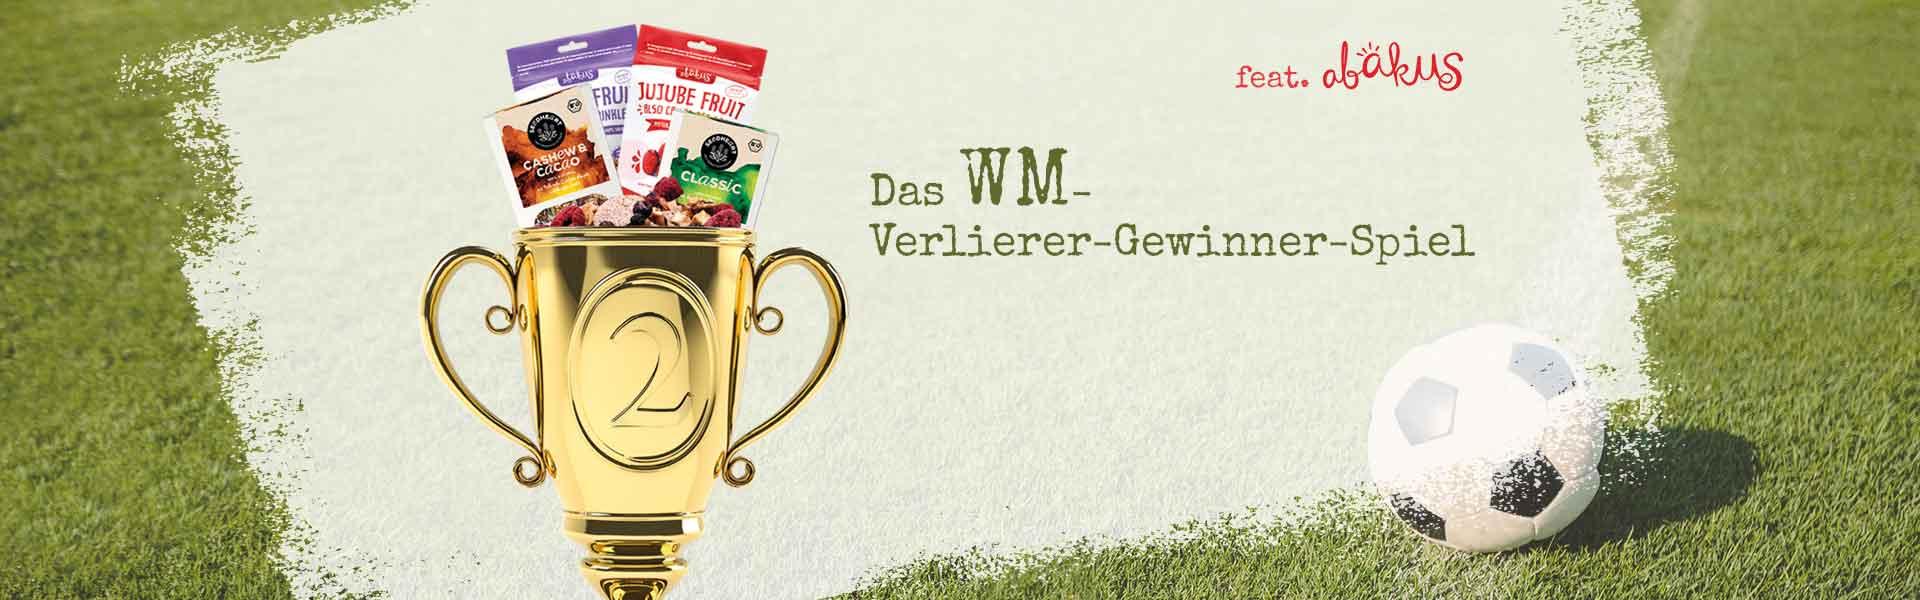 Banner des WM-Verlierer-Gewinnerspiels